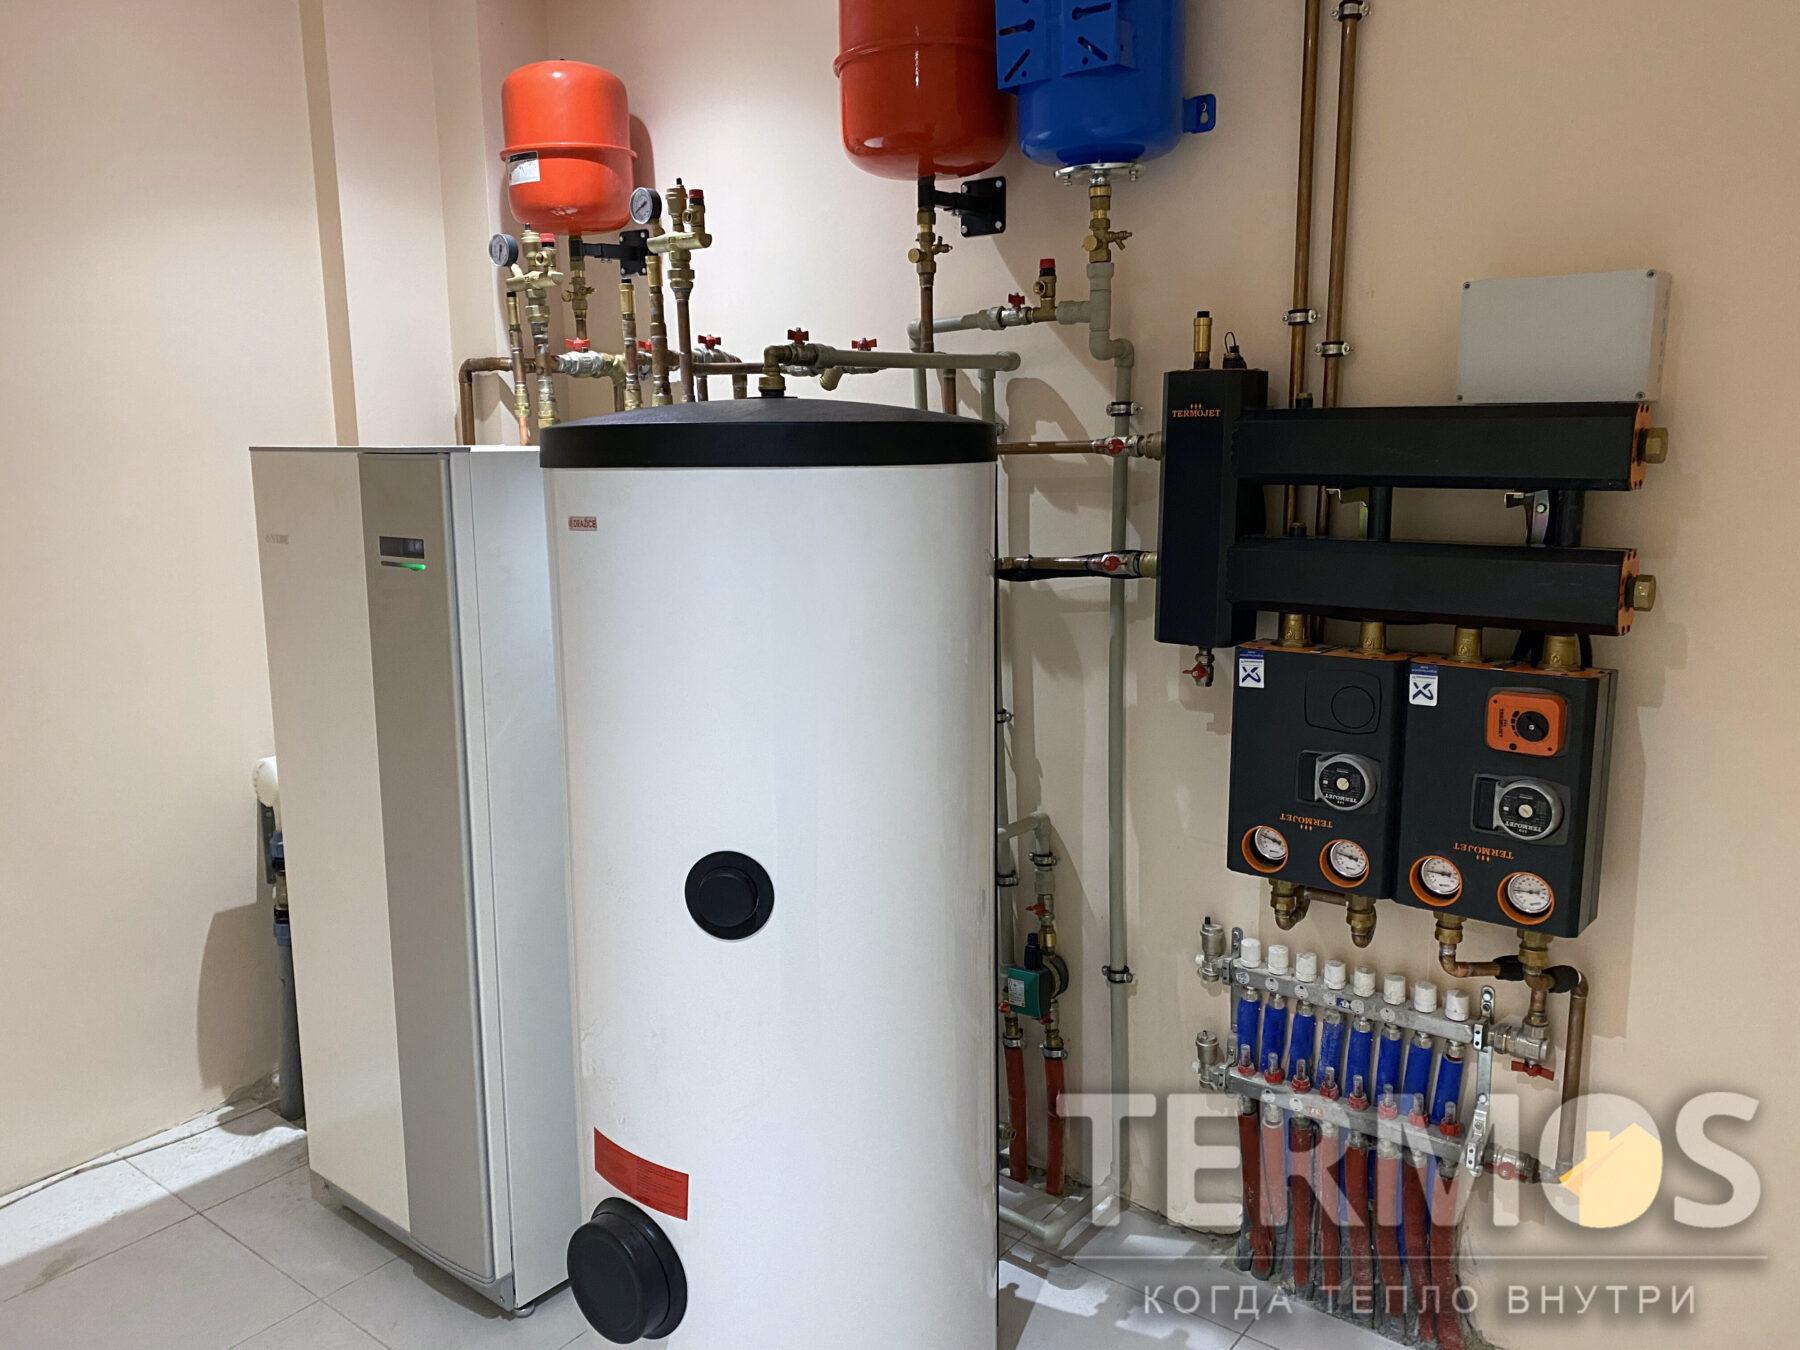 Крюковщина. Коттедж 150 м.кв. Низкотемпературная система отопления (насосная группа радиаторного контура и контура теплого пола). Приготовление горячей воды в 300 литровом специализированном бойлере.